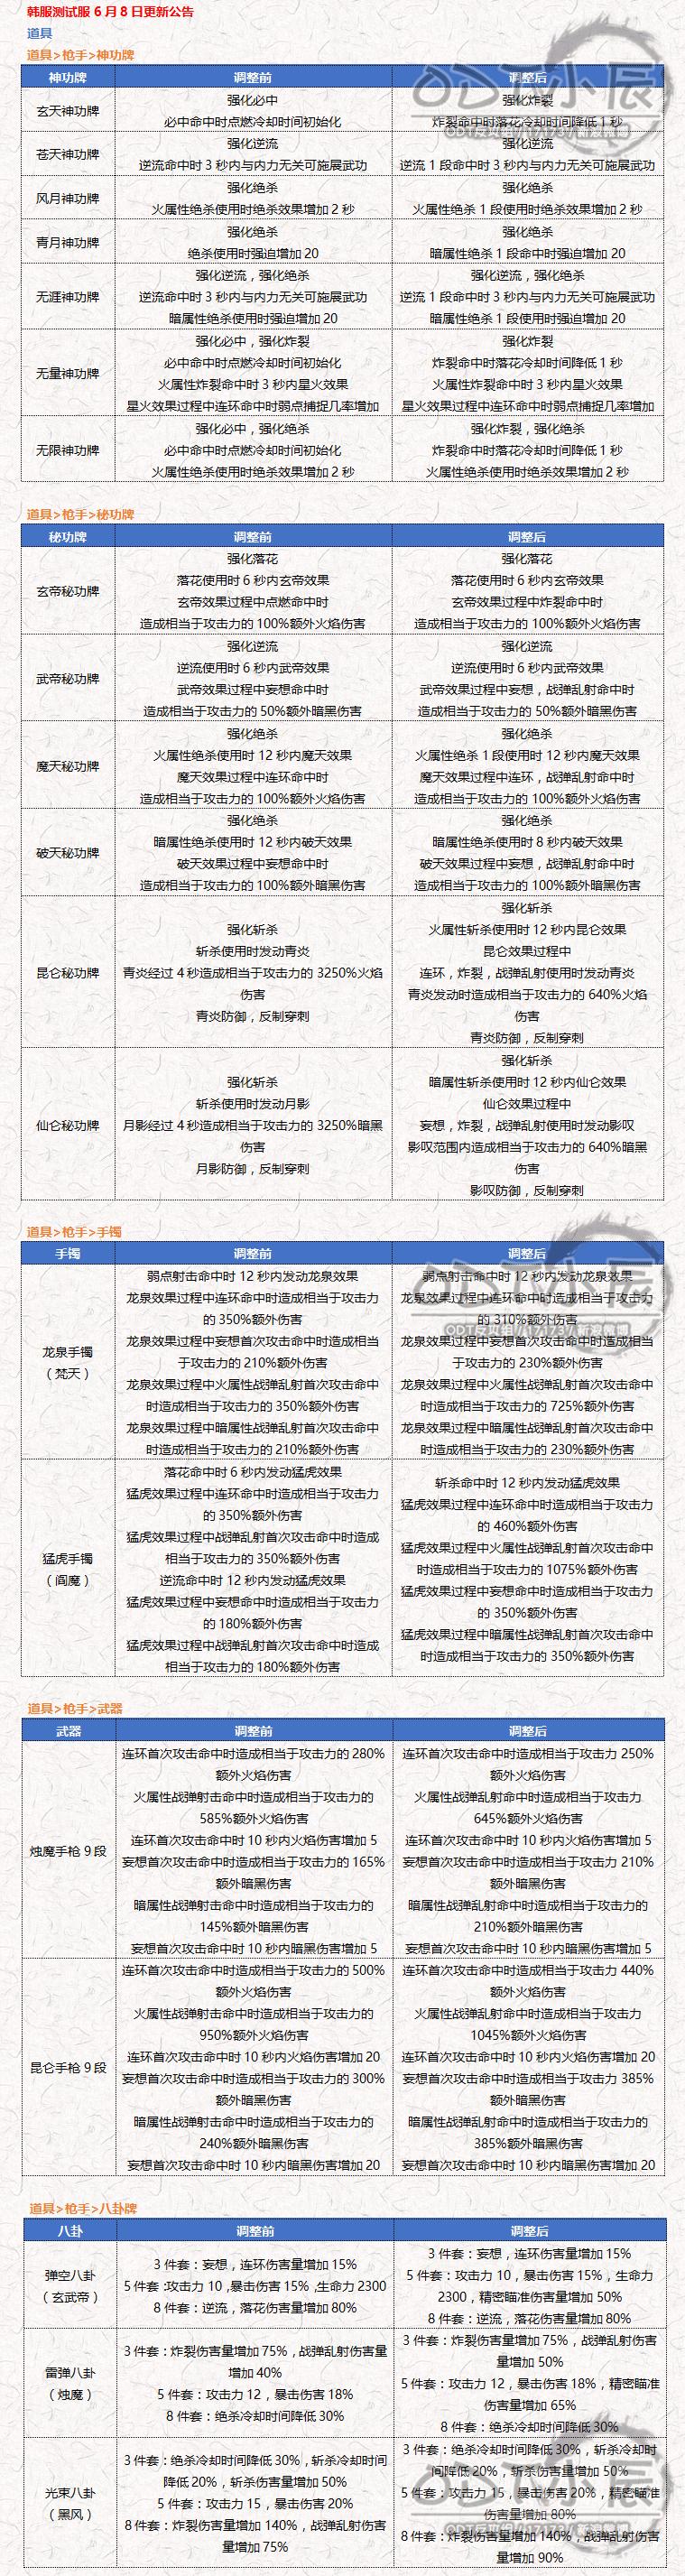 韩测6.8更新公告(枪手装备道具调整).png